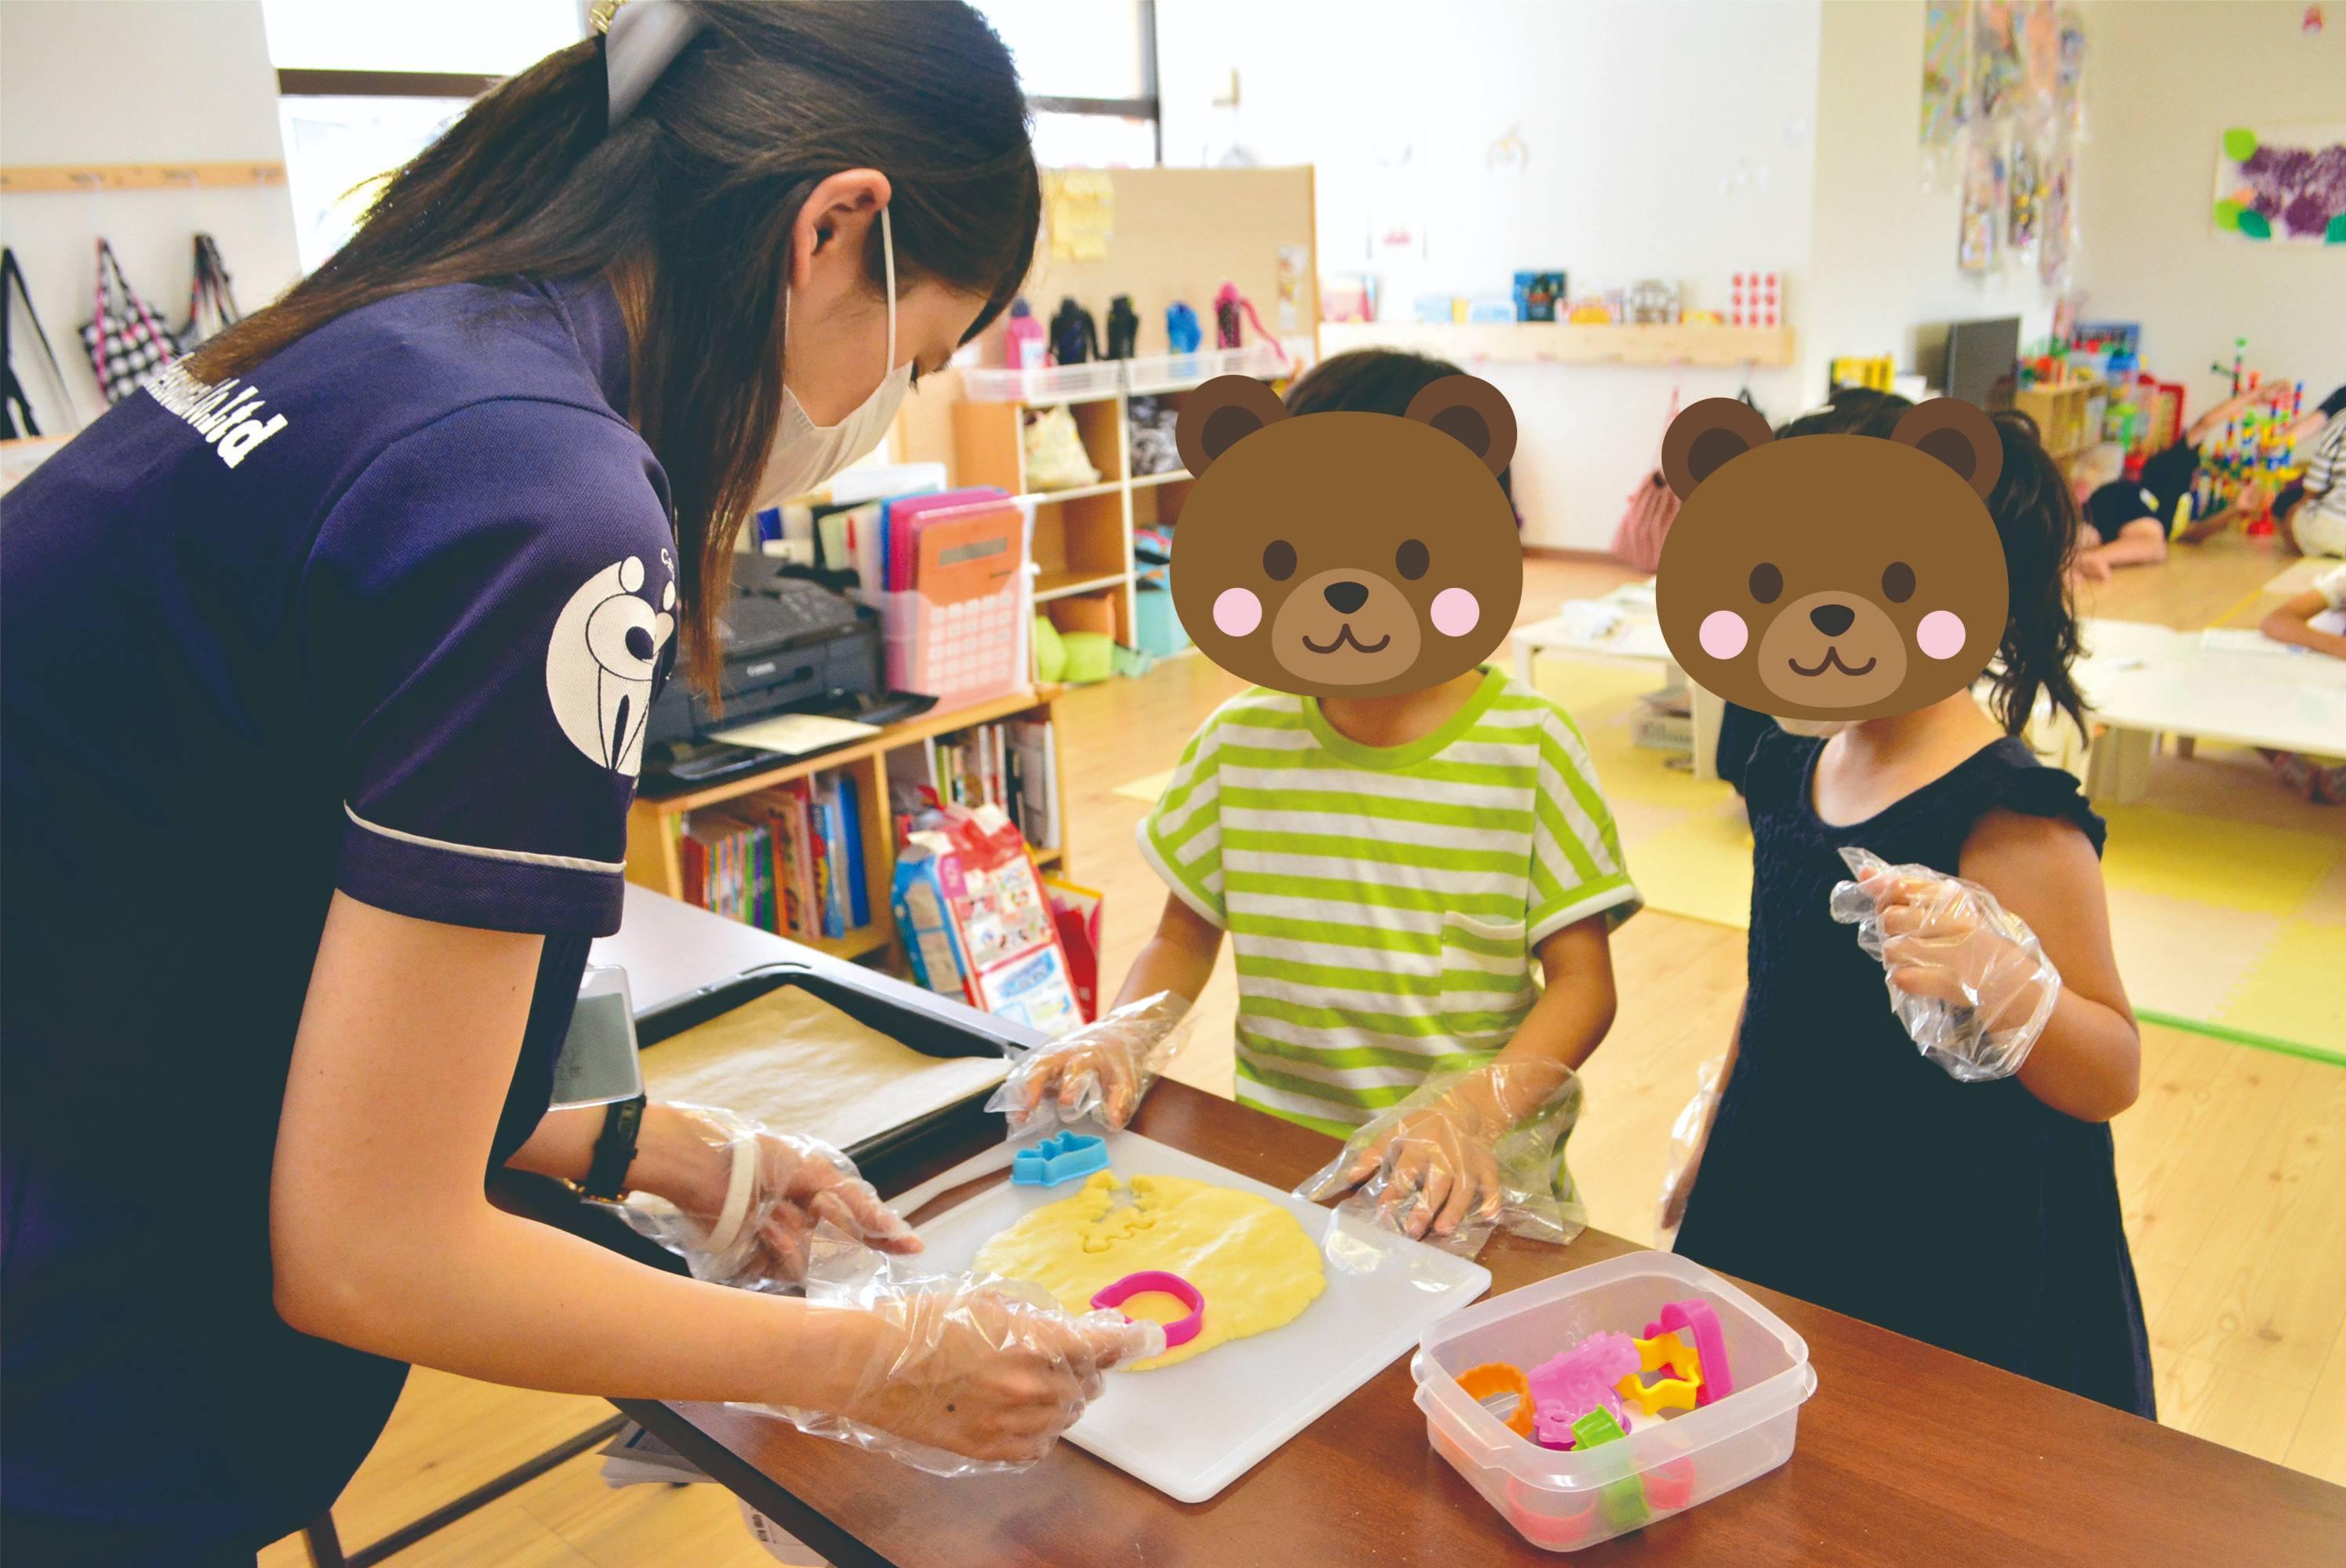 放課後の家 伊勢小木(放課後デイサービス/株式会社ケアプロフェッショナル)